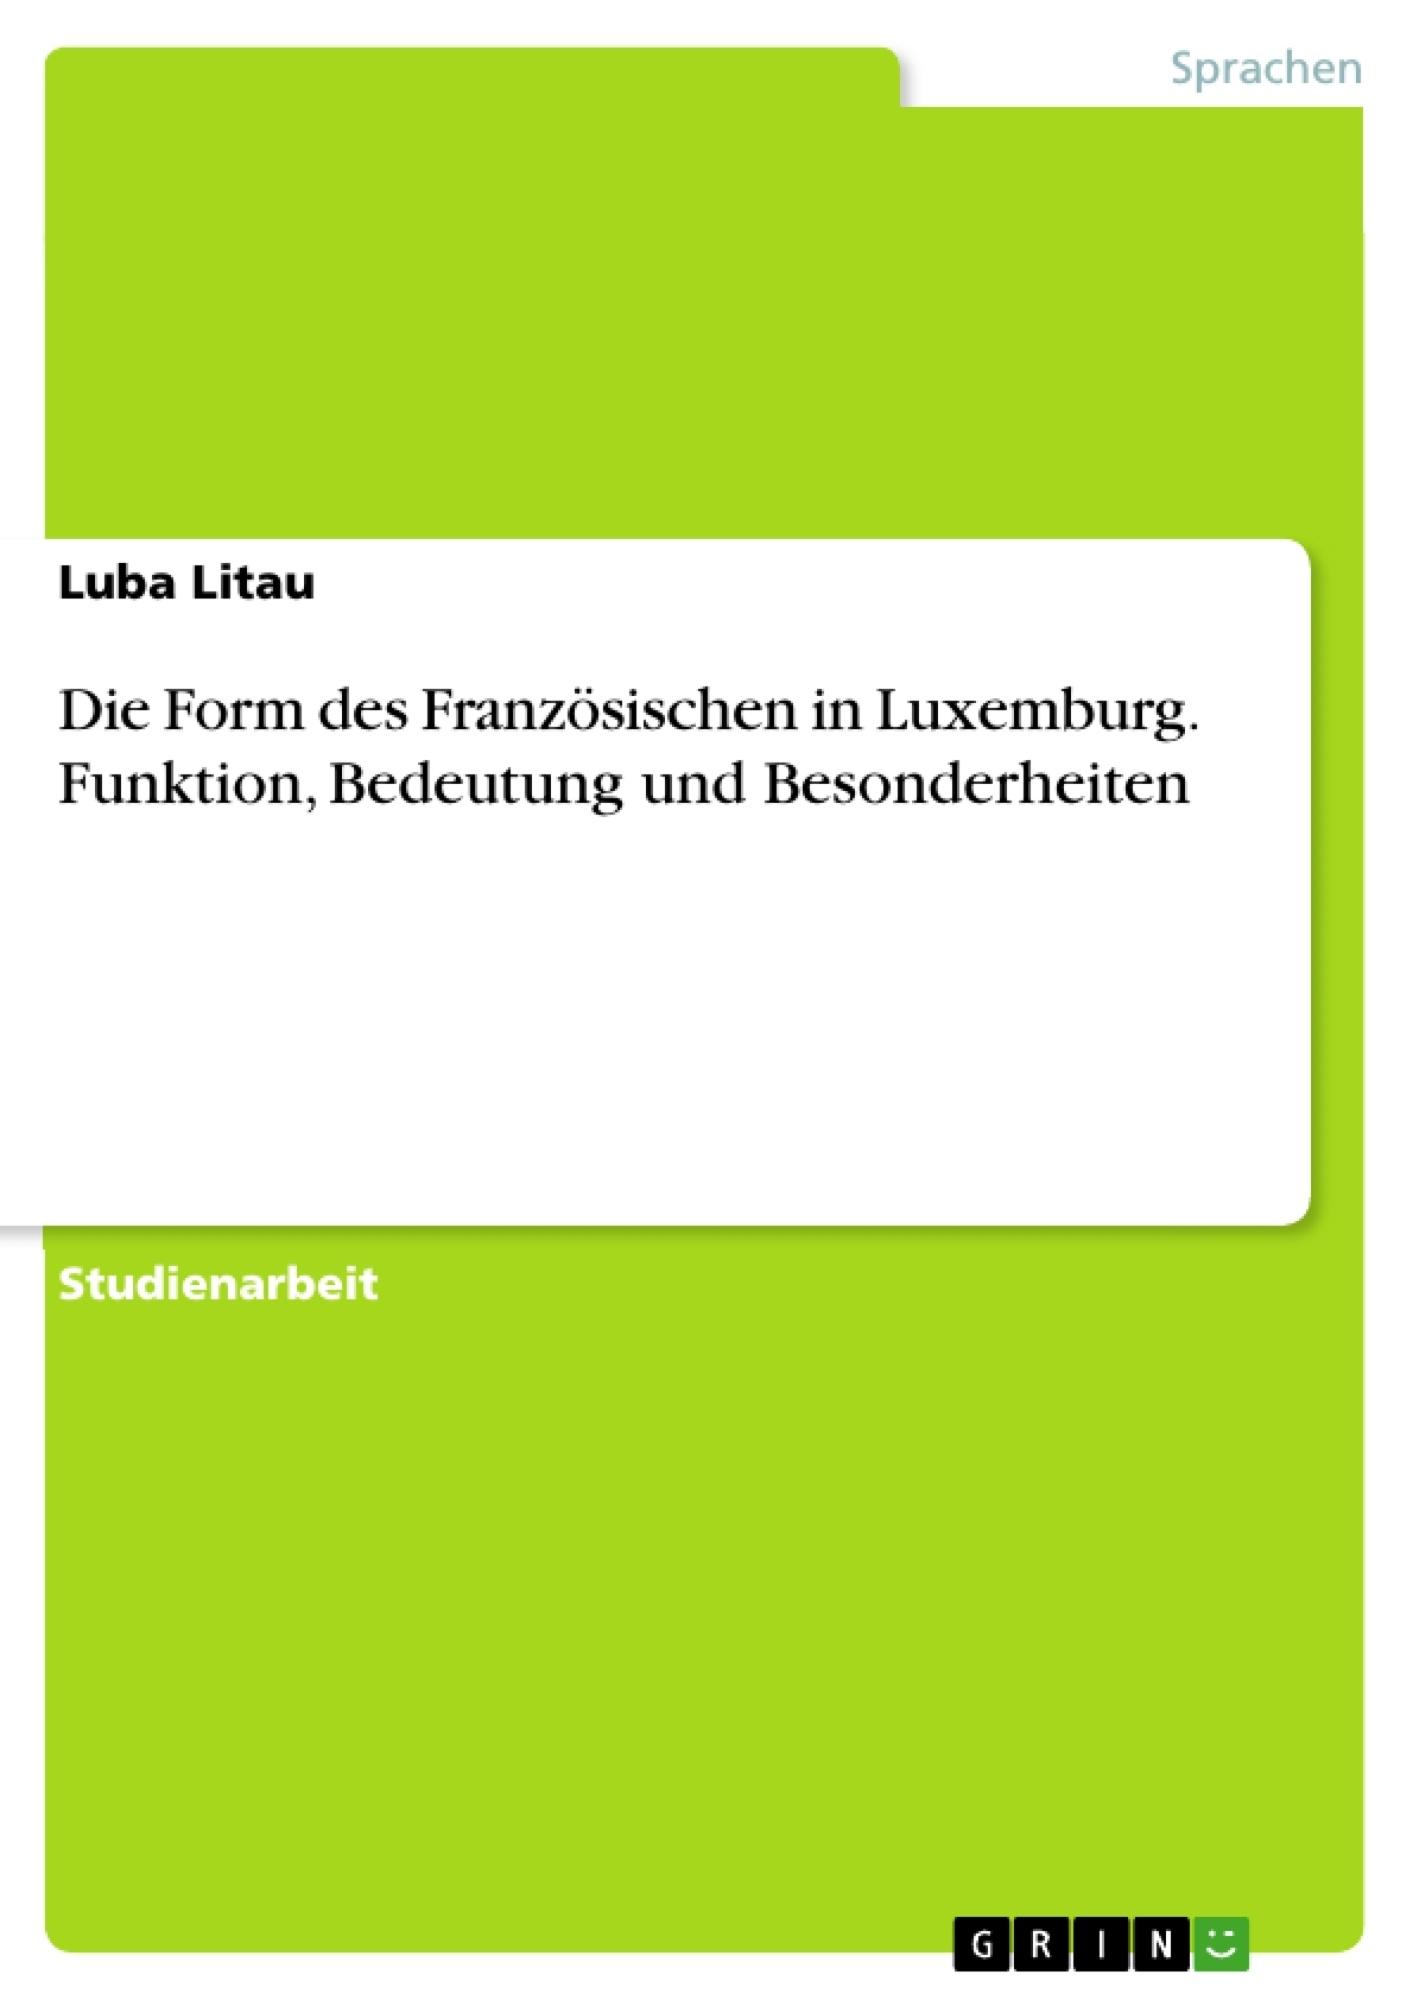 Titel: Die Form des Französischen in Luxemburg. Funktion, Bedeutung und Besonderheiten